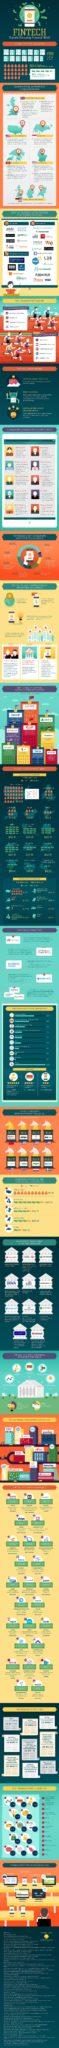 Fintech_infographic